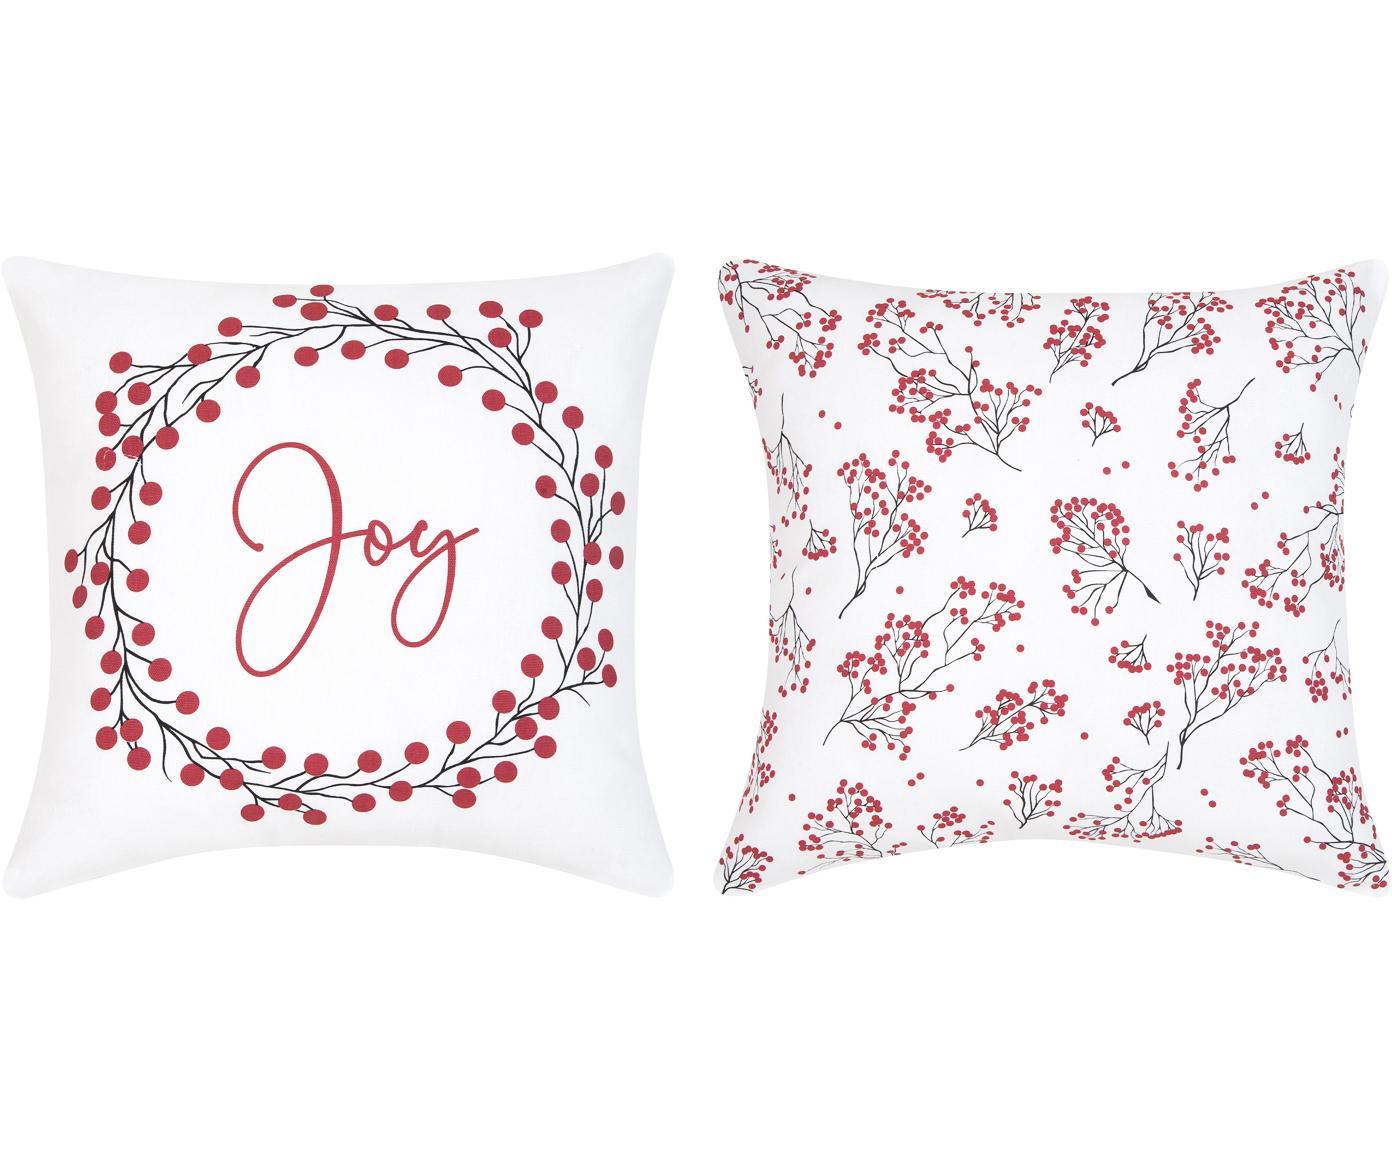 Kissenhüllen 2er Set Joy, Baumwolle, Rot, Weiß, Schwarz, 40 x 40 cm